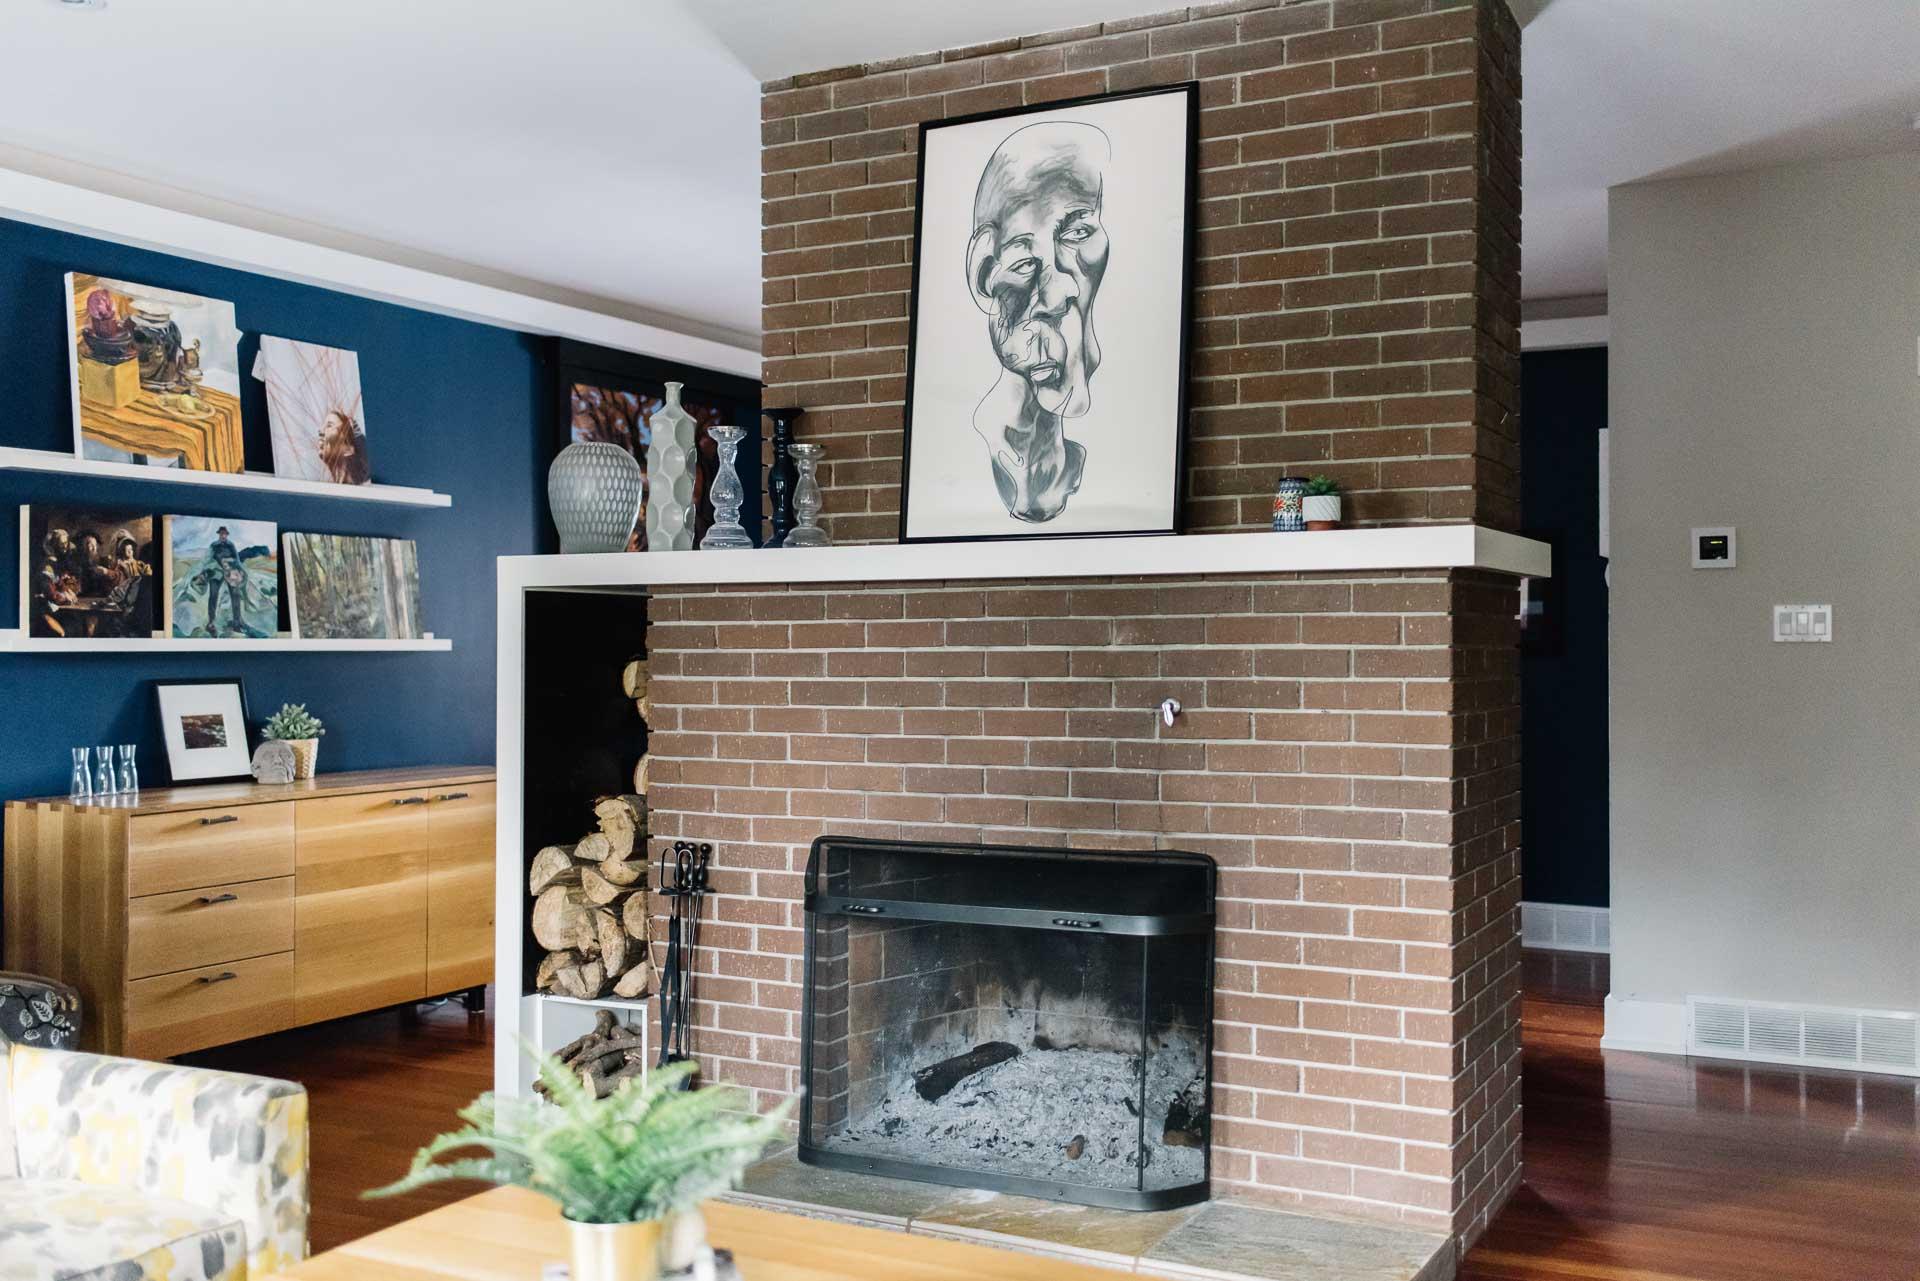 Maison brique fireplace habitat studio